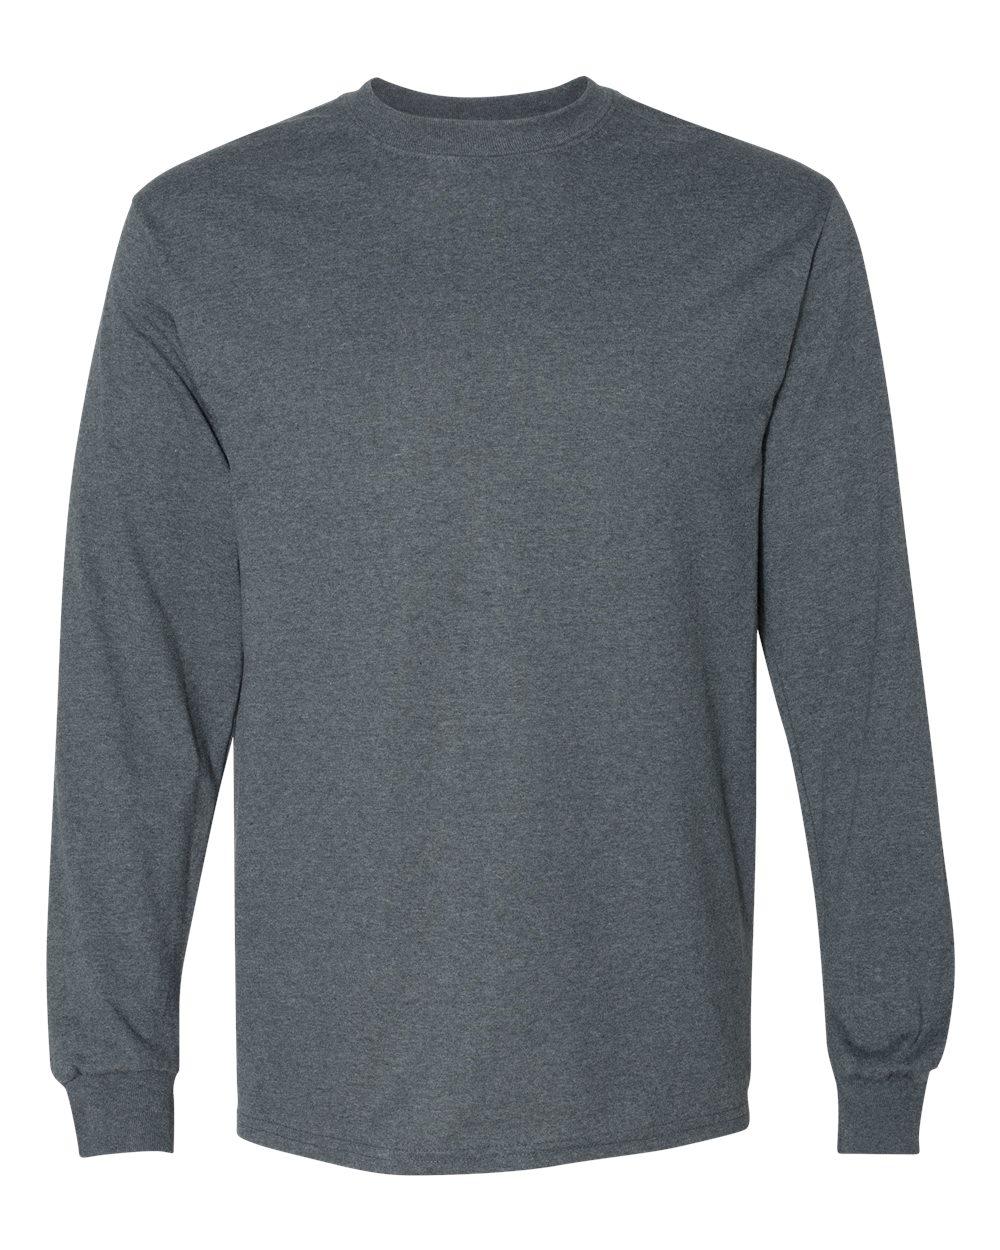 Gildan-Mens-Blank-DryBlend-50-50-Cotton-Long-Sleeve-T-Shirt-8400-up-to-3XL miniature 15